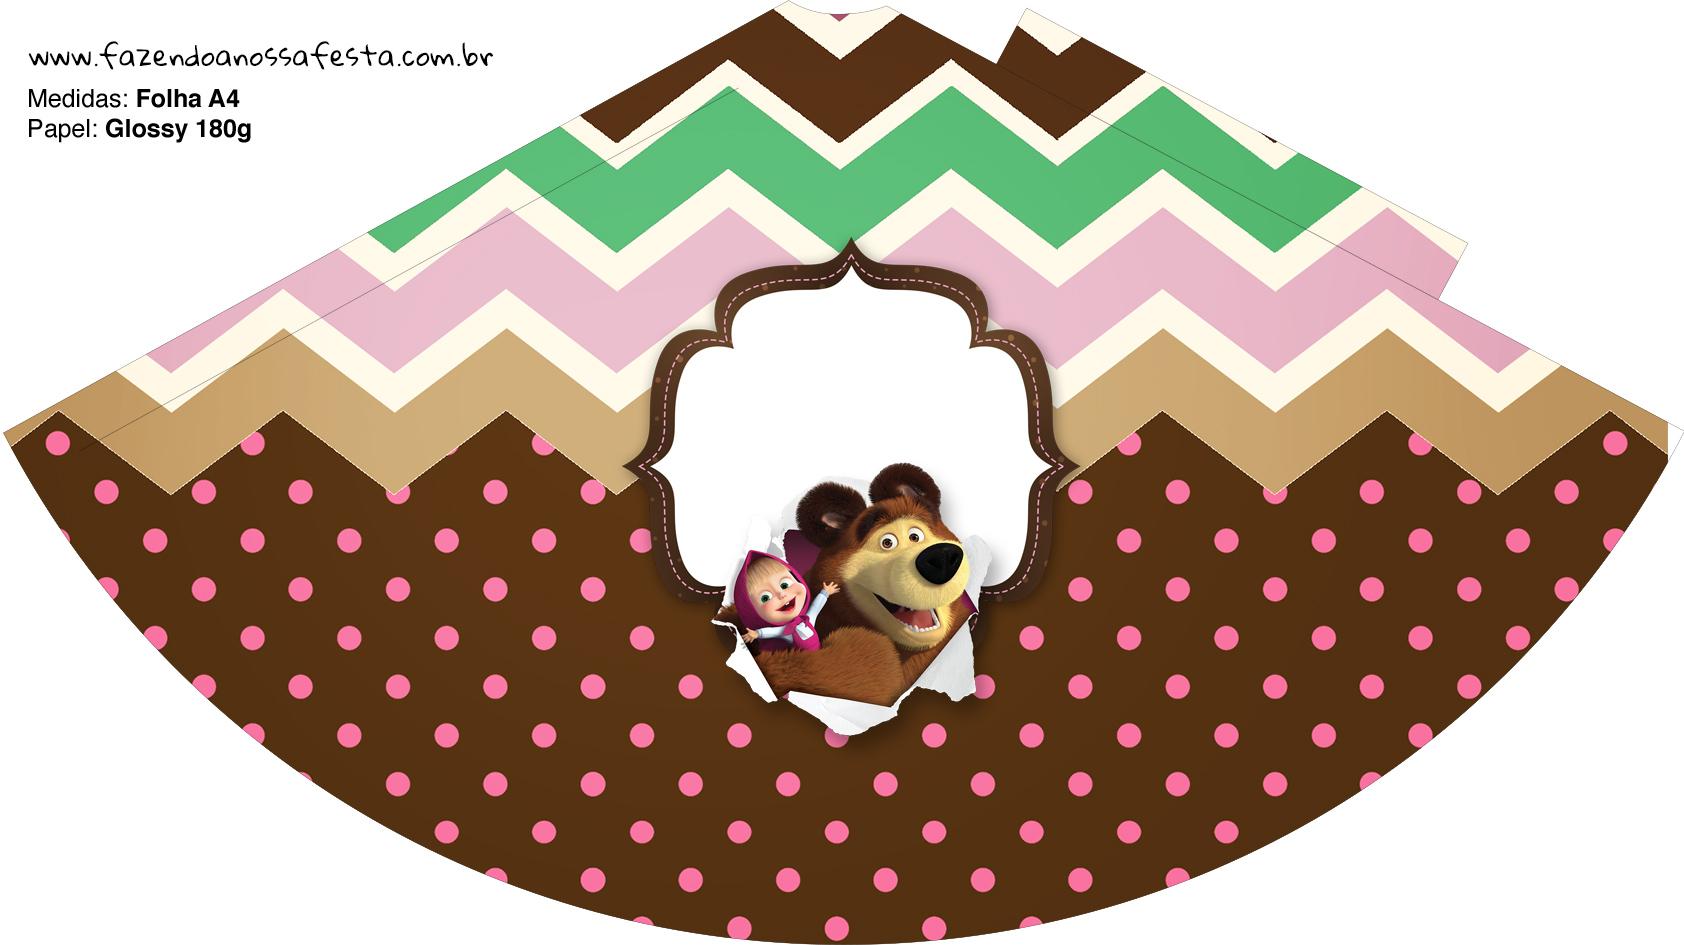 Chapeuzinho de Festa Masha e o Urso Kit